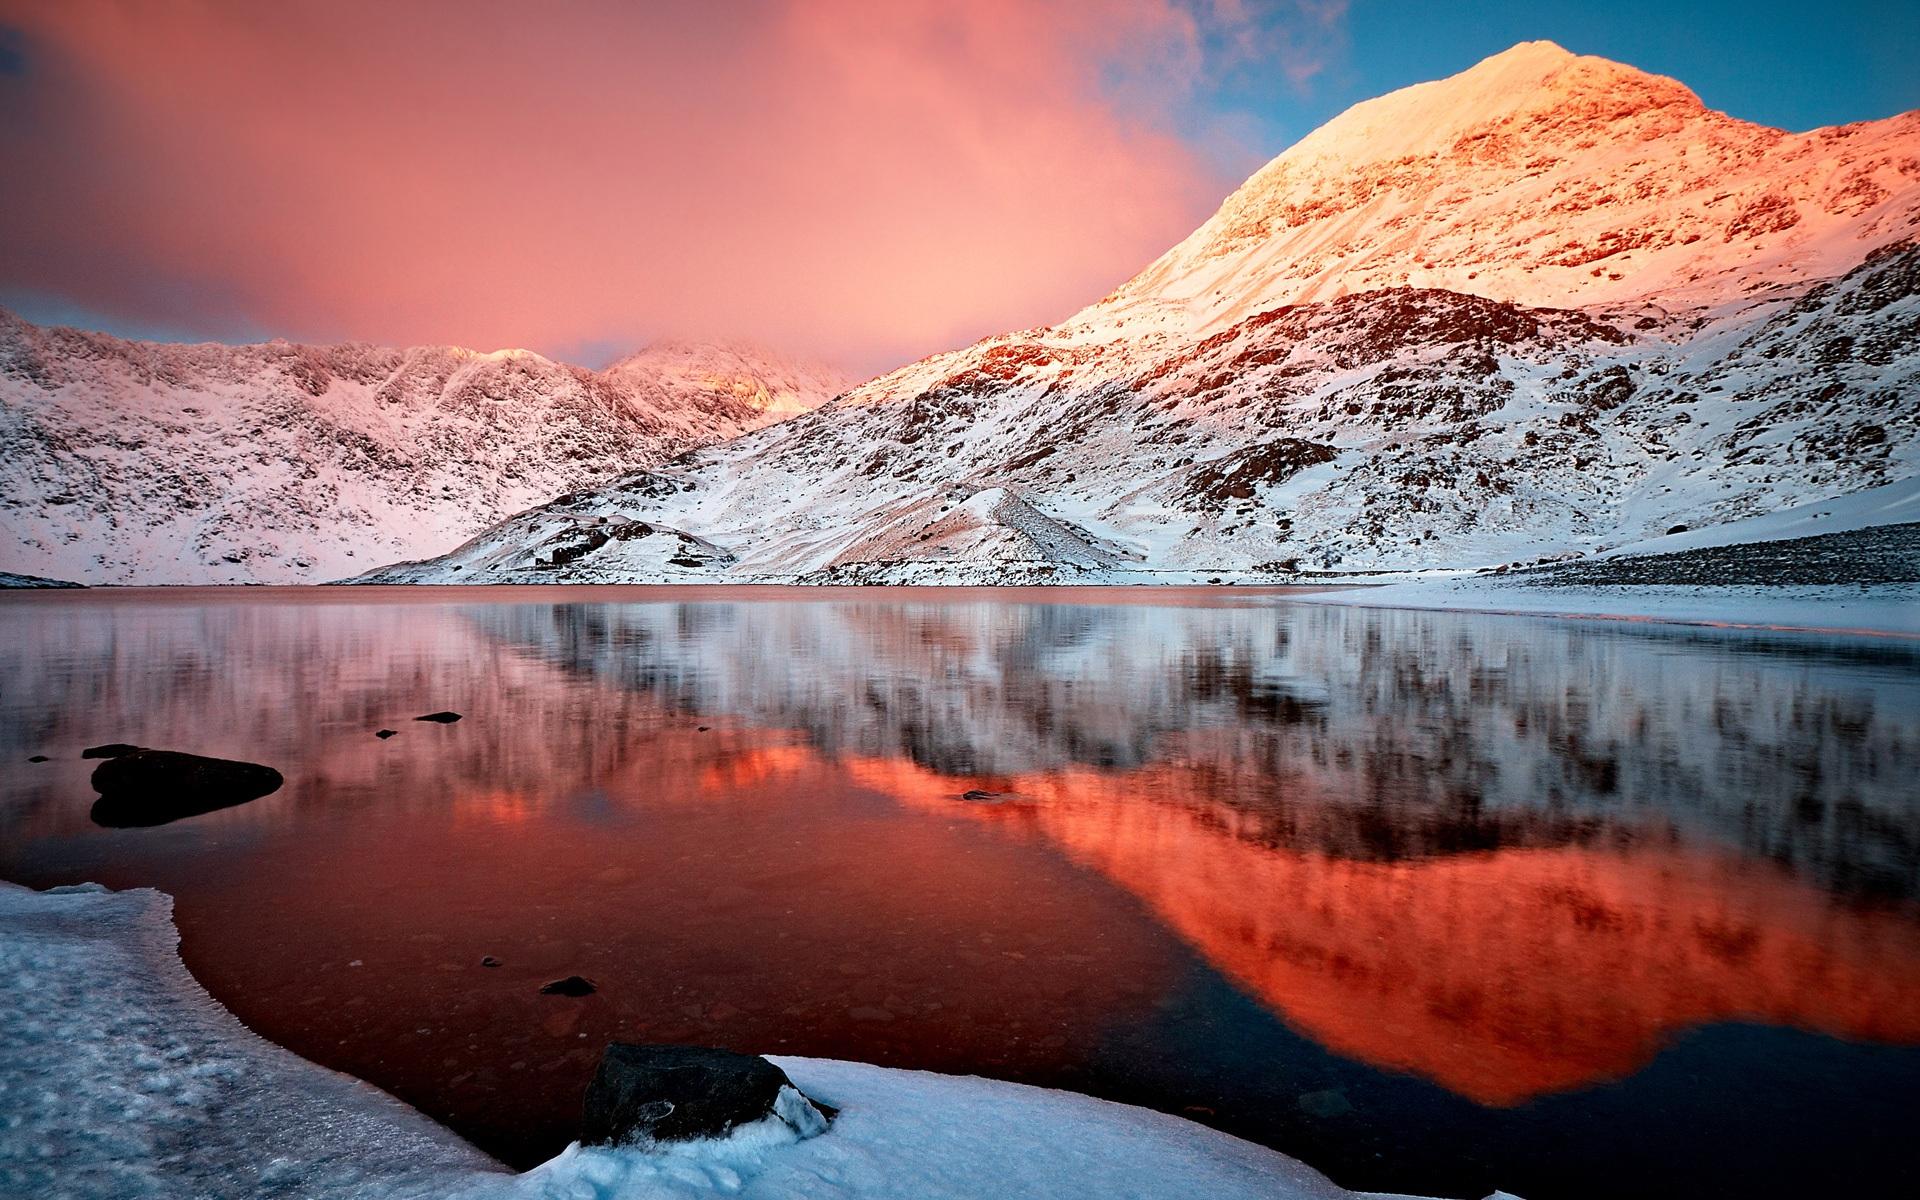 winter see schneebedeckte berge das rote gl hen sch nheit 1920x1200 hd hintergrundbilder hd bild. Black Bedroom Furniture Sets. Home Design Ideas